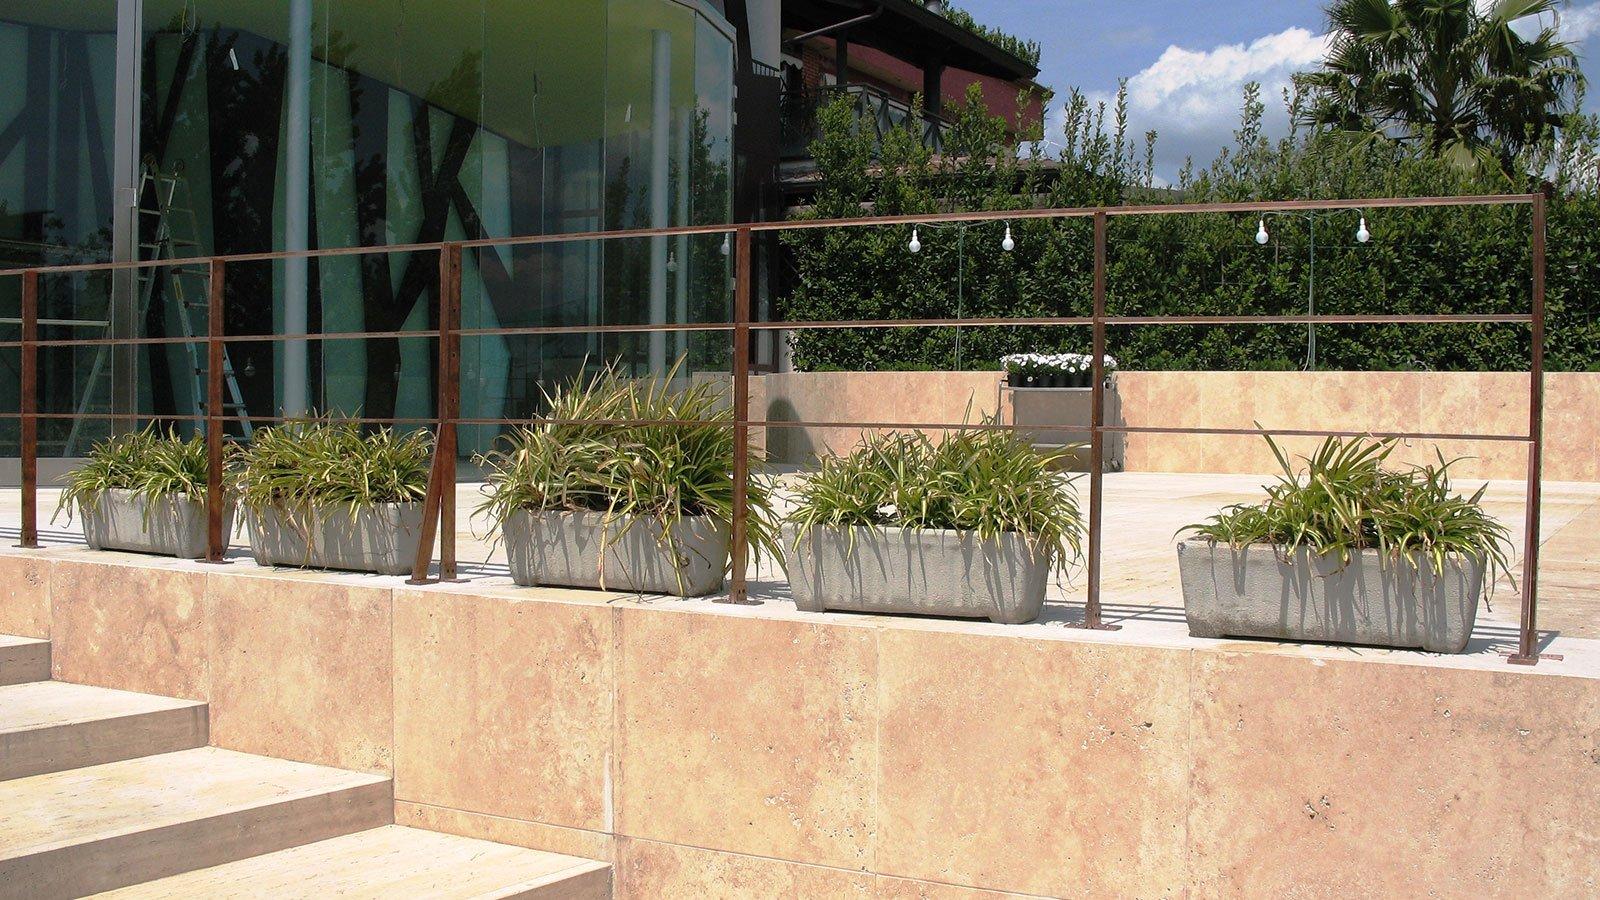 una terrazza davanti a un edificio con una ringhiera in metallo